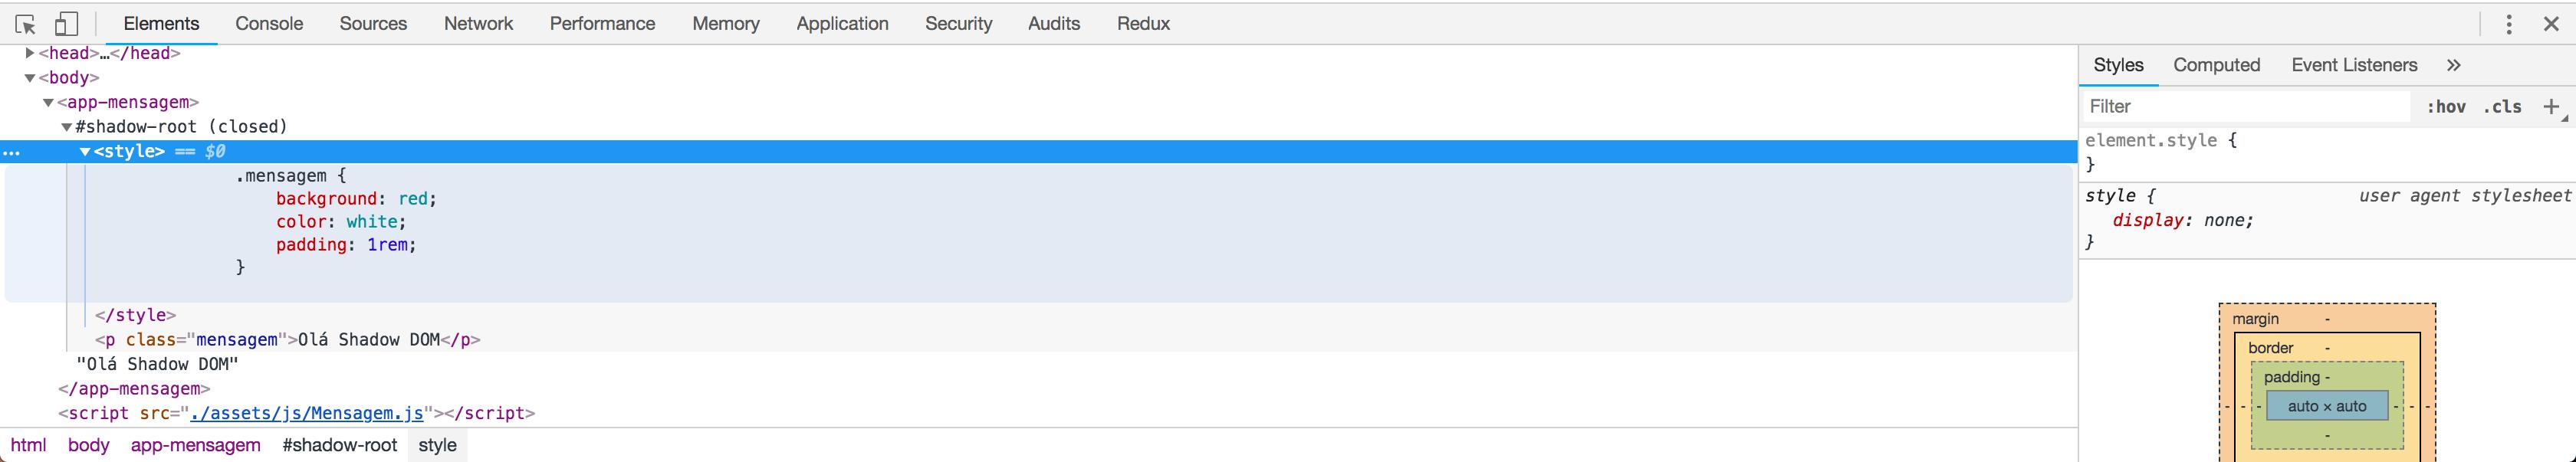 DOM renderizado com texto